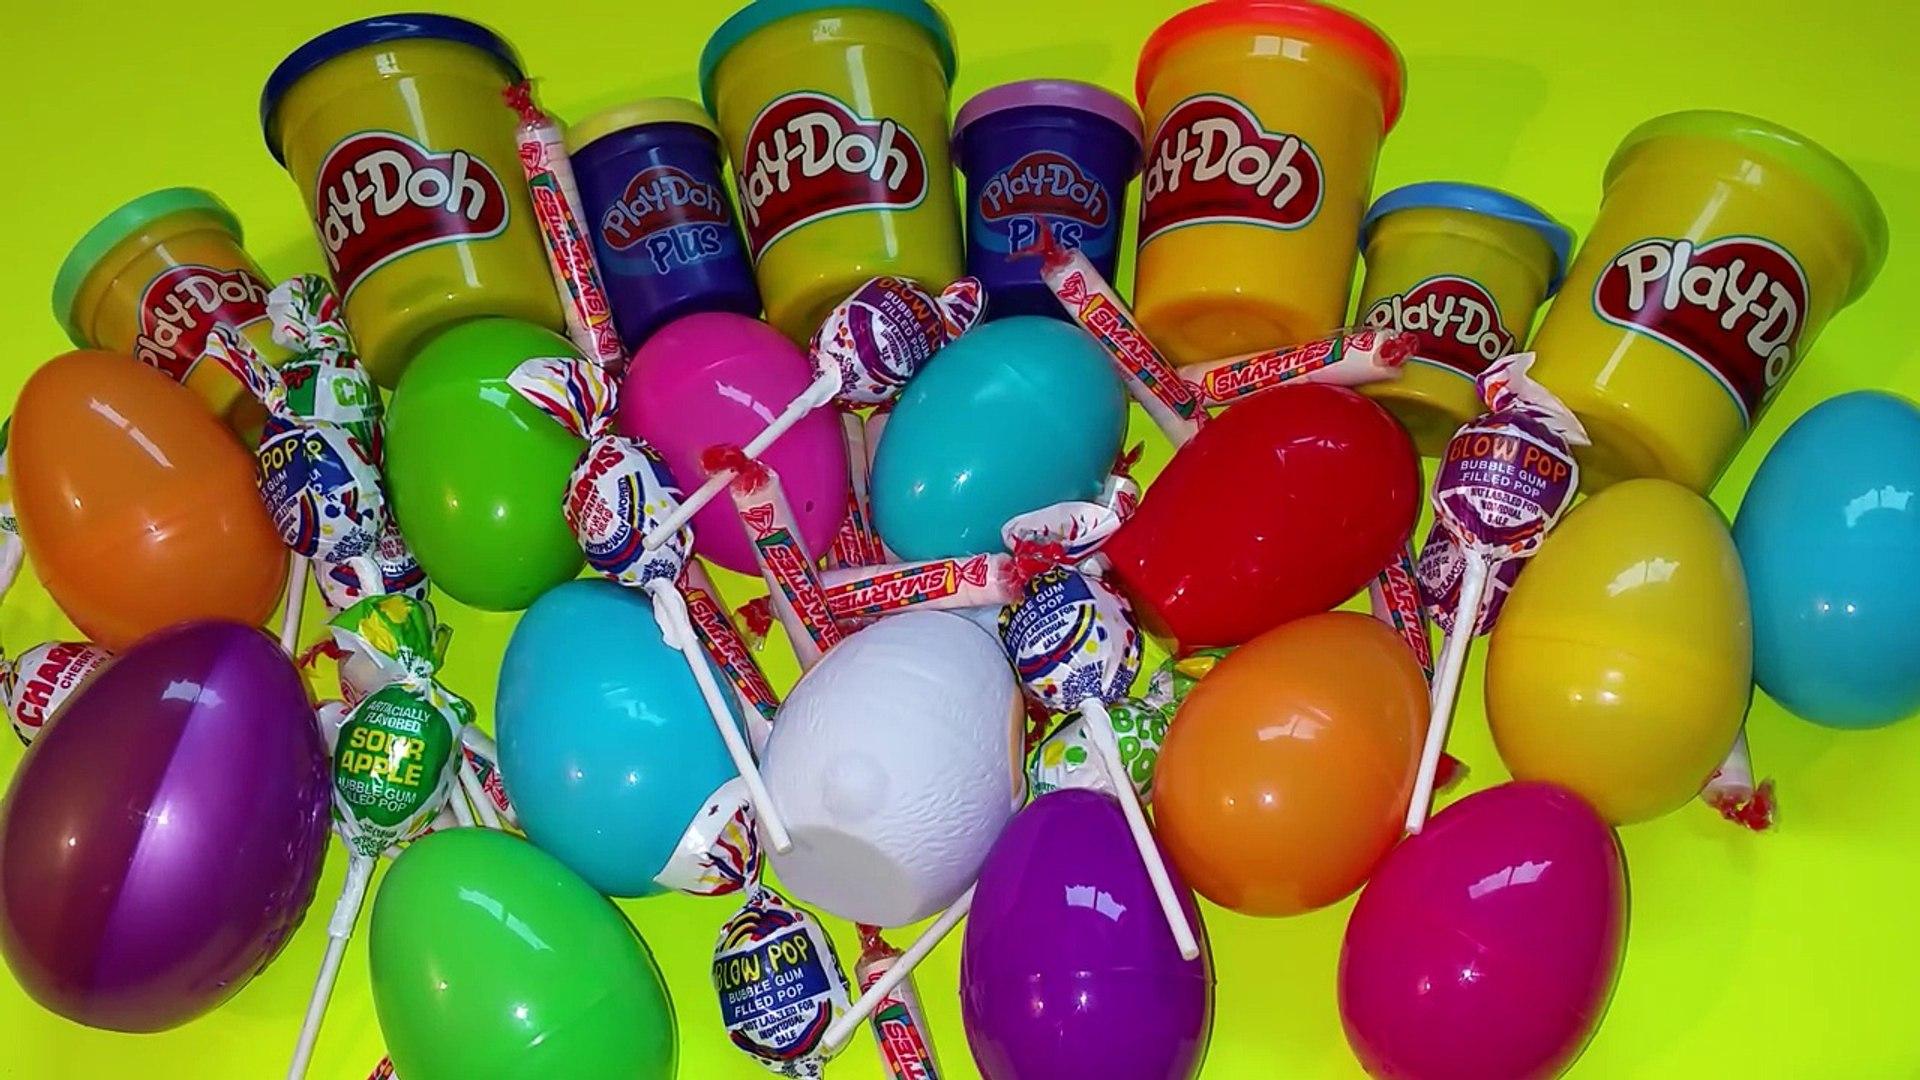 и в  в и к  и Конфеты Яйца в в в в много из звезда звезда сюрприз Игрушки войны Игры открытые яйца